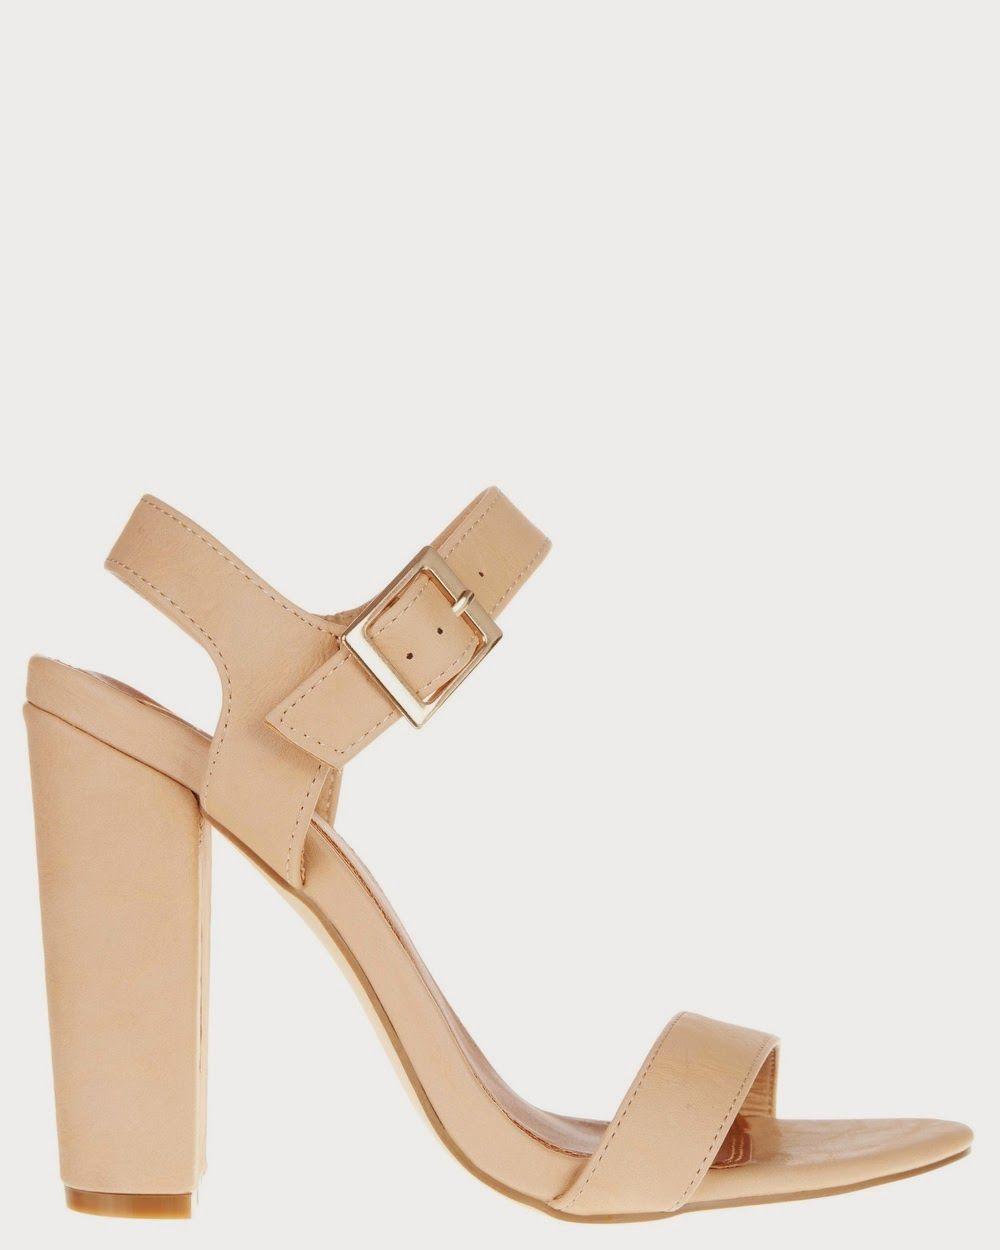 72406110b866 Shoe Review  Spurr Quill Heels